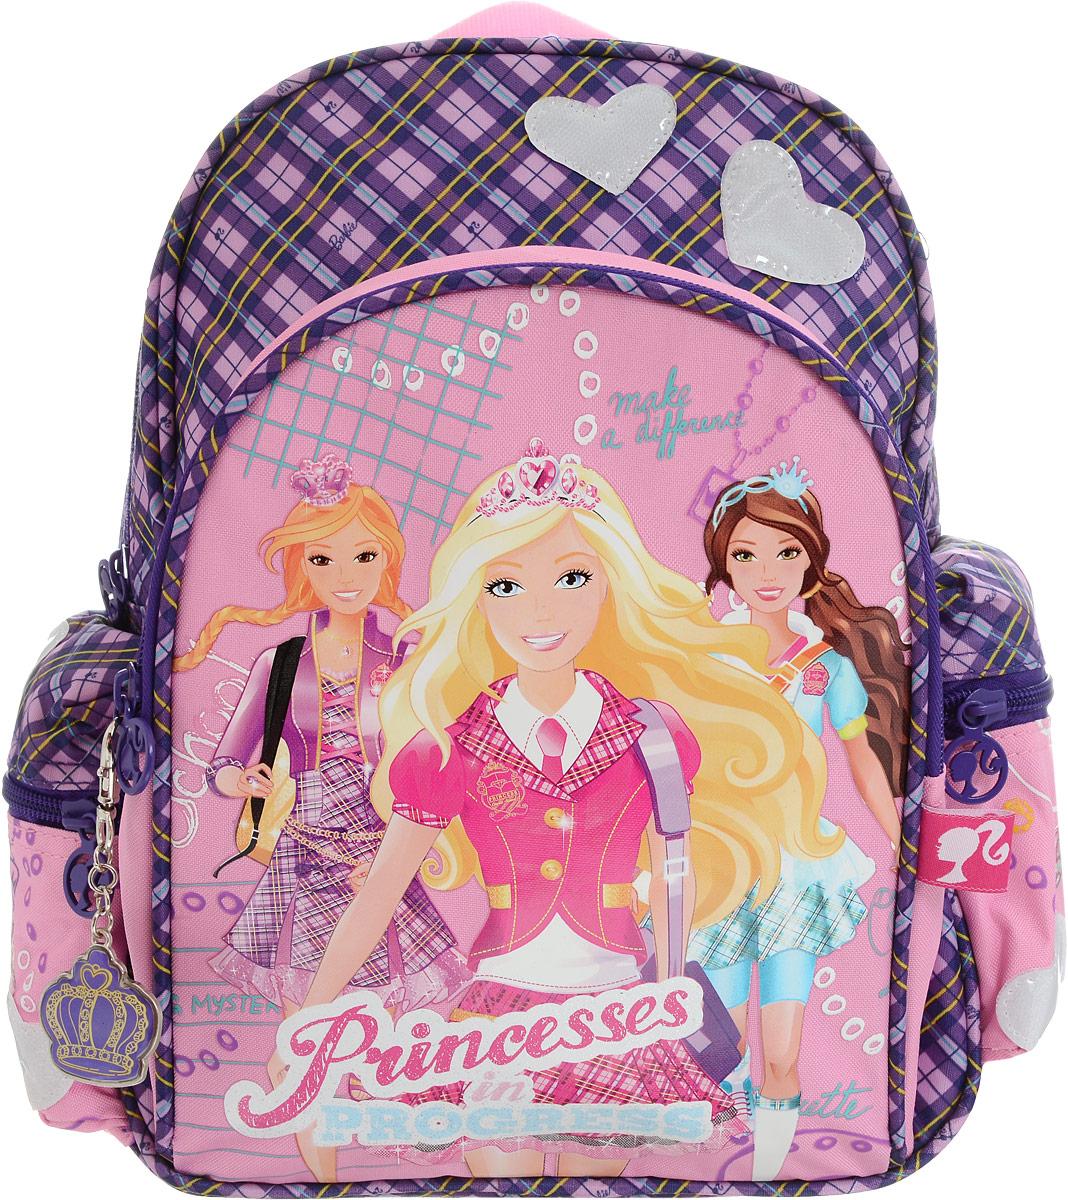 Barbie Рюкзак детский Princess In Progress цвет розовый фиолетовыйBRCS12-11T-346_три принцессыДетский рюкзак Barbie Princess In Progress изготовлен из прочного полиэстера, украшен аппликацией с Barbie и оснащен светоотражательными элементами в форме сердечек. Корпус рюкзака мягкий, спинка и лямки уплотнены поролоном. Для комфортной переноски сверху рюкзак оснащен текстильной ручкой. Изделие имеет одно вместительное отделение. По бокам предусмотрены карманы на застежке-молнии. На лицевой части рюкзака располагается вместительный карман на молнии. Такой рюкзак с Barbie непременно понравится каждой девочке! Его можно брать с собой на прогулку или на учебу.